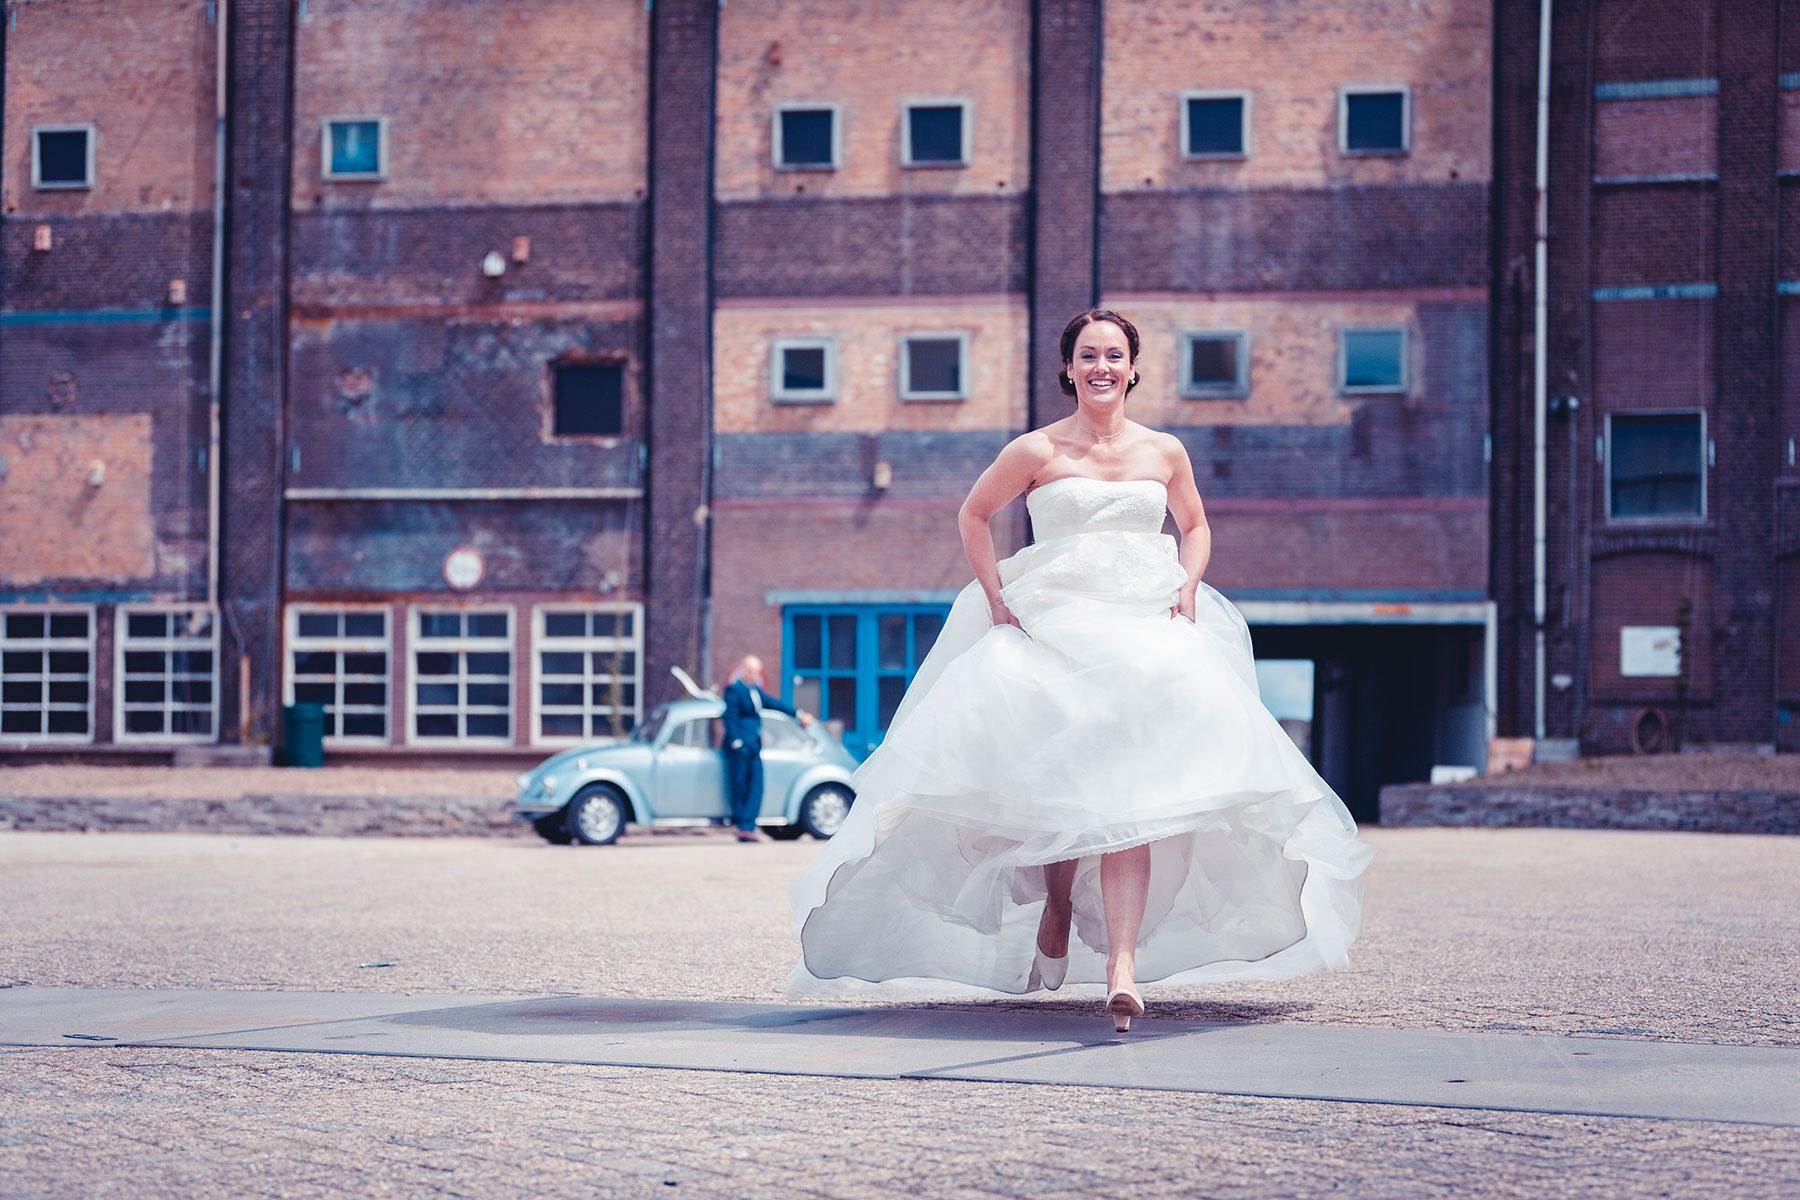 Bas-Driessen-Photography—Dave-&-Saskia—front-slider